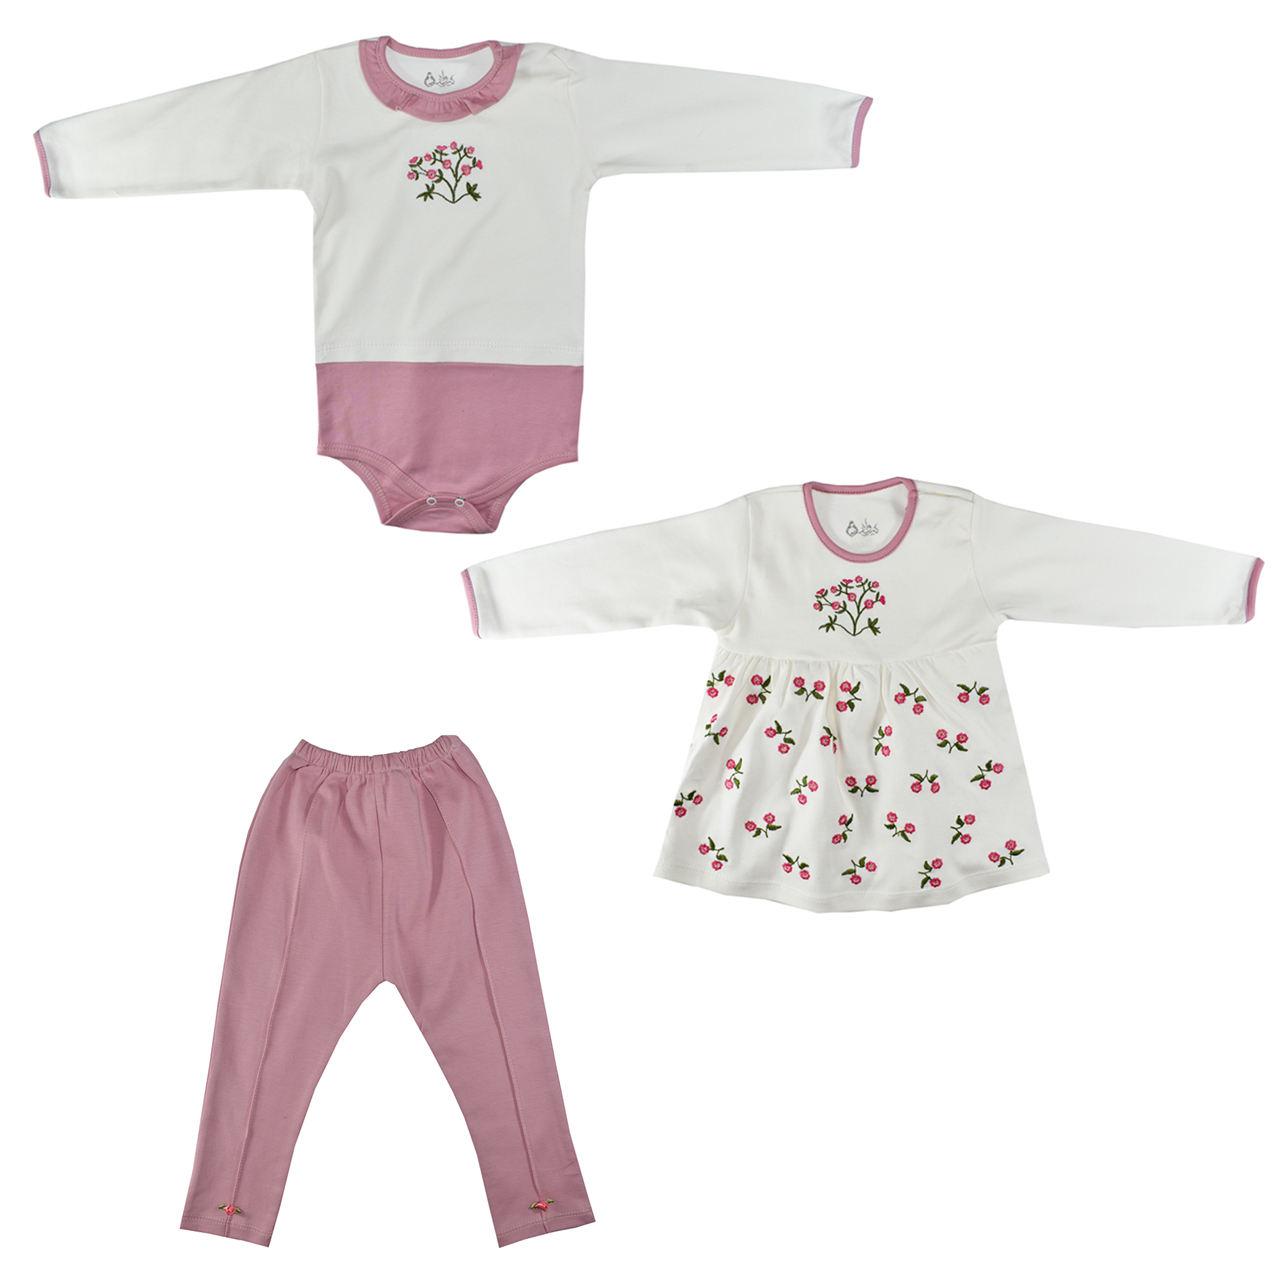 ست 3 تکه لباس نوزادی نیروان طرح گل کد 3 -  - 2